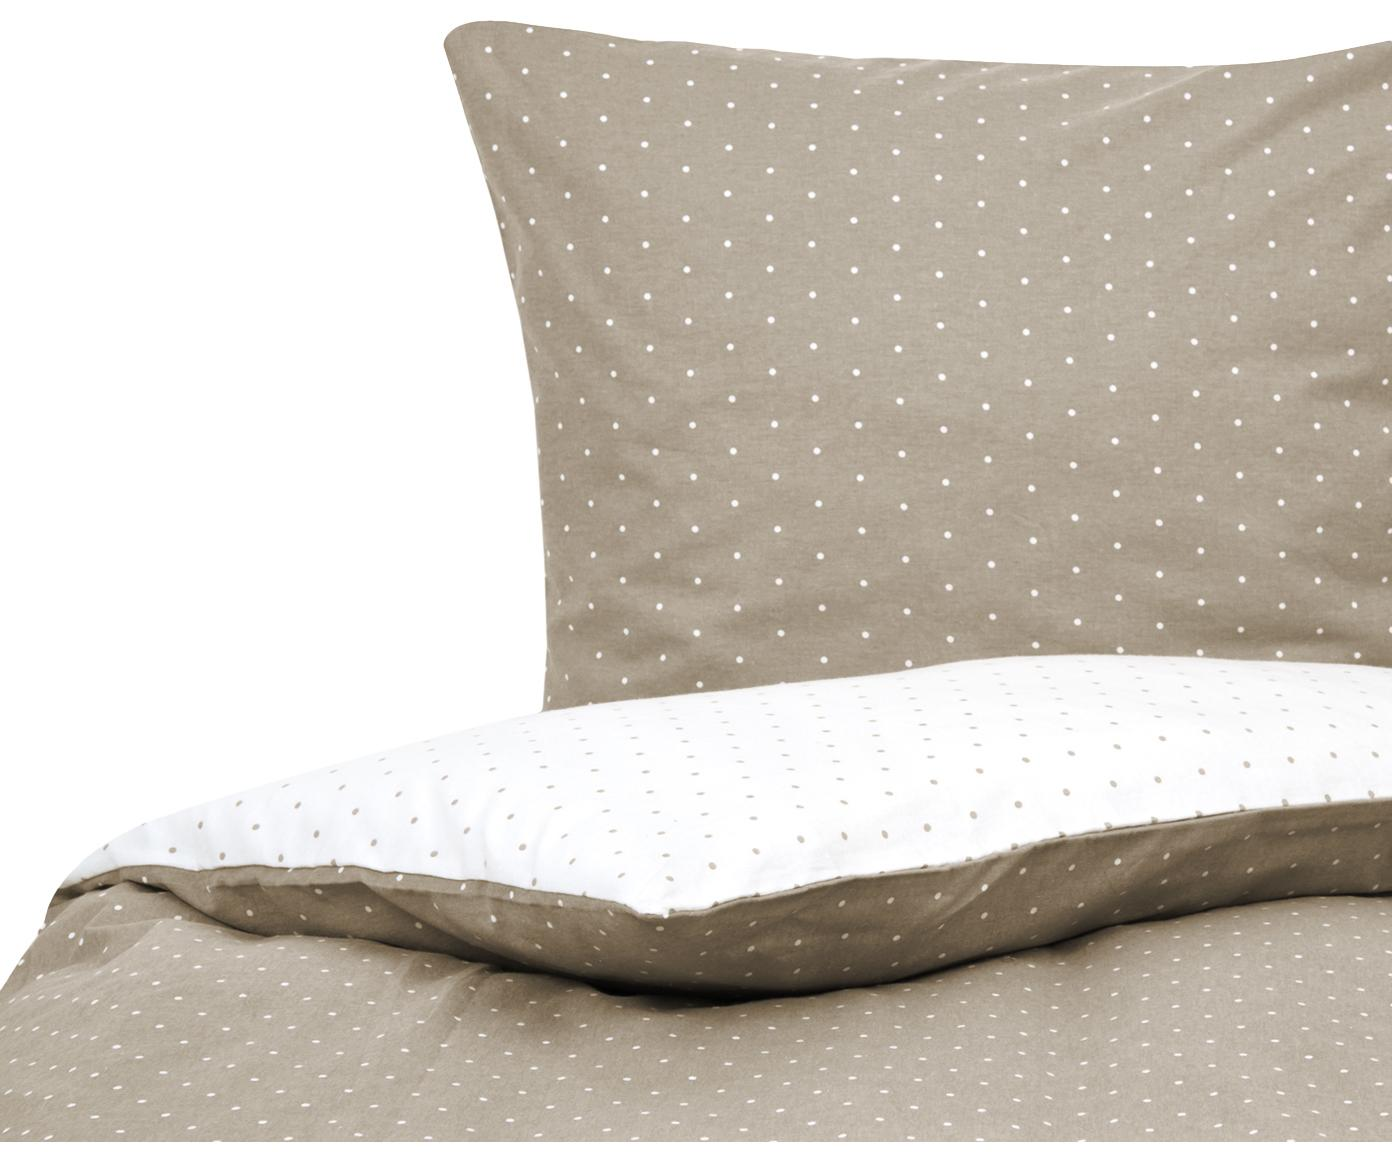 Flanell-Wendebettwäsche Betty, gepunktet, Webart: Flanell Flanell ist ein s, Beige, Weiss, 135 x 200 cm + 1 Kissen 80 x 80 cm